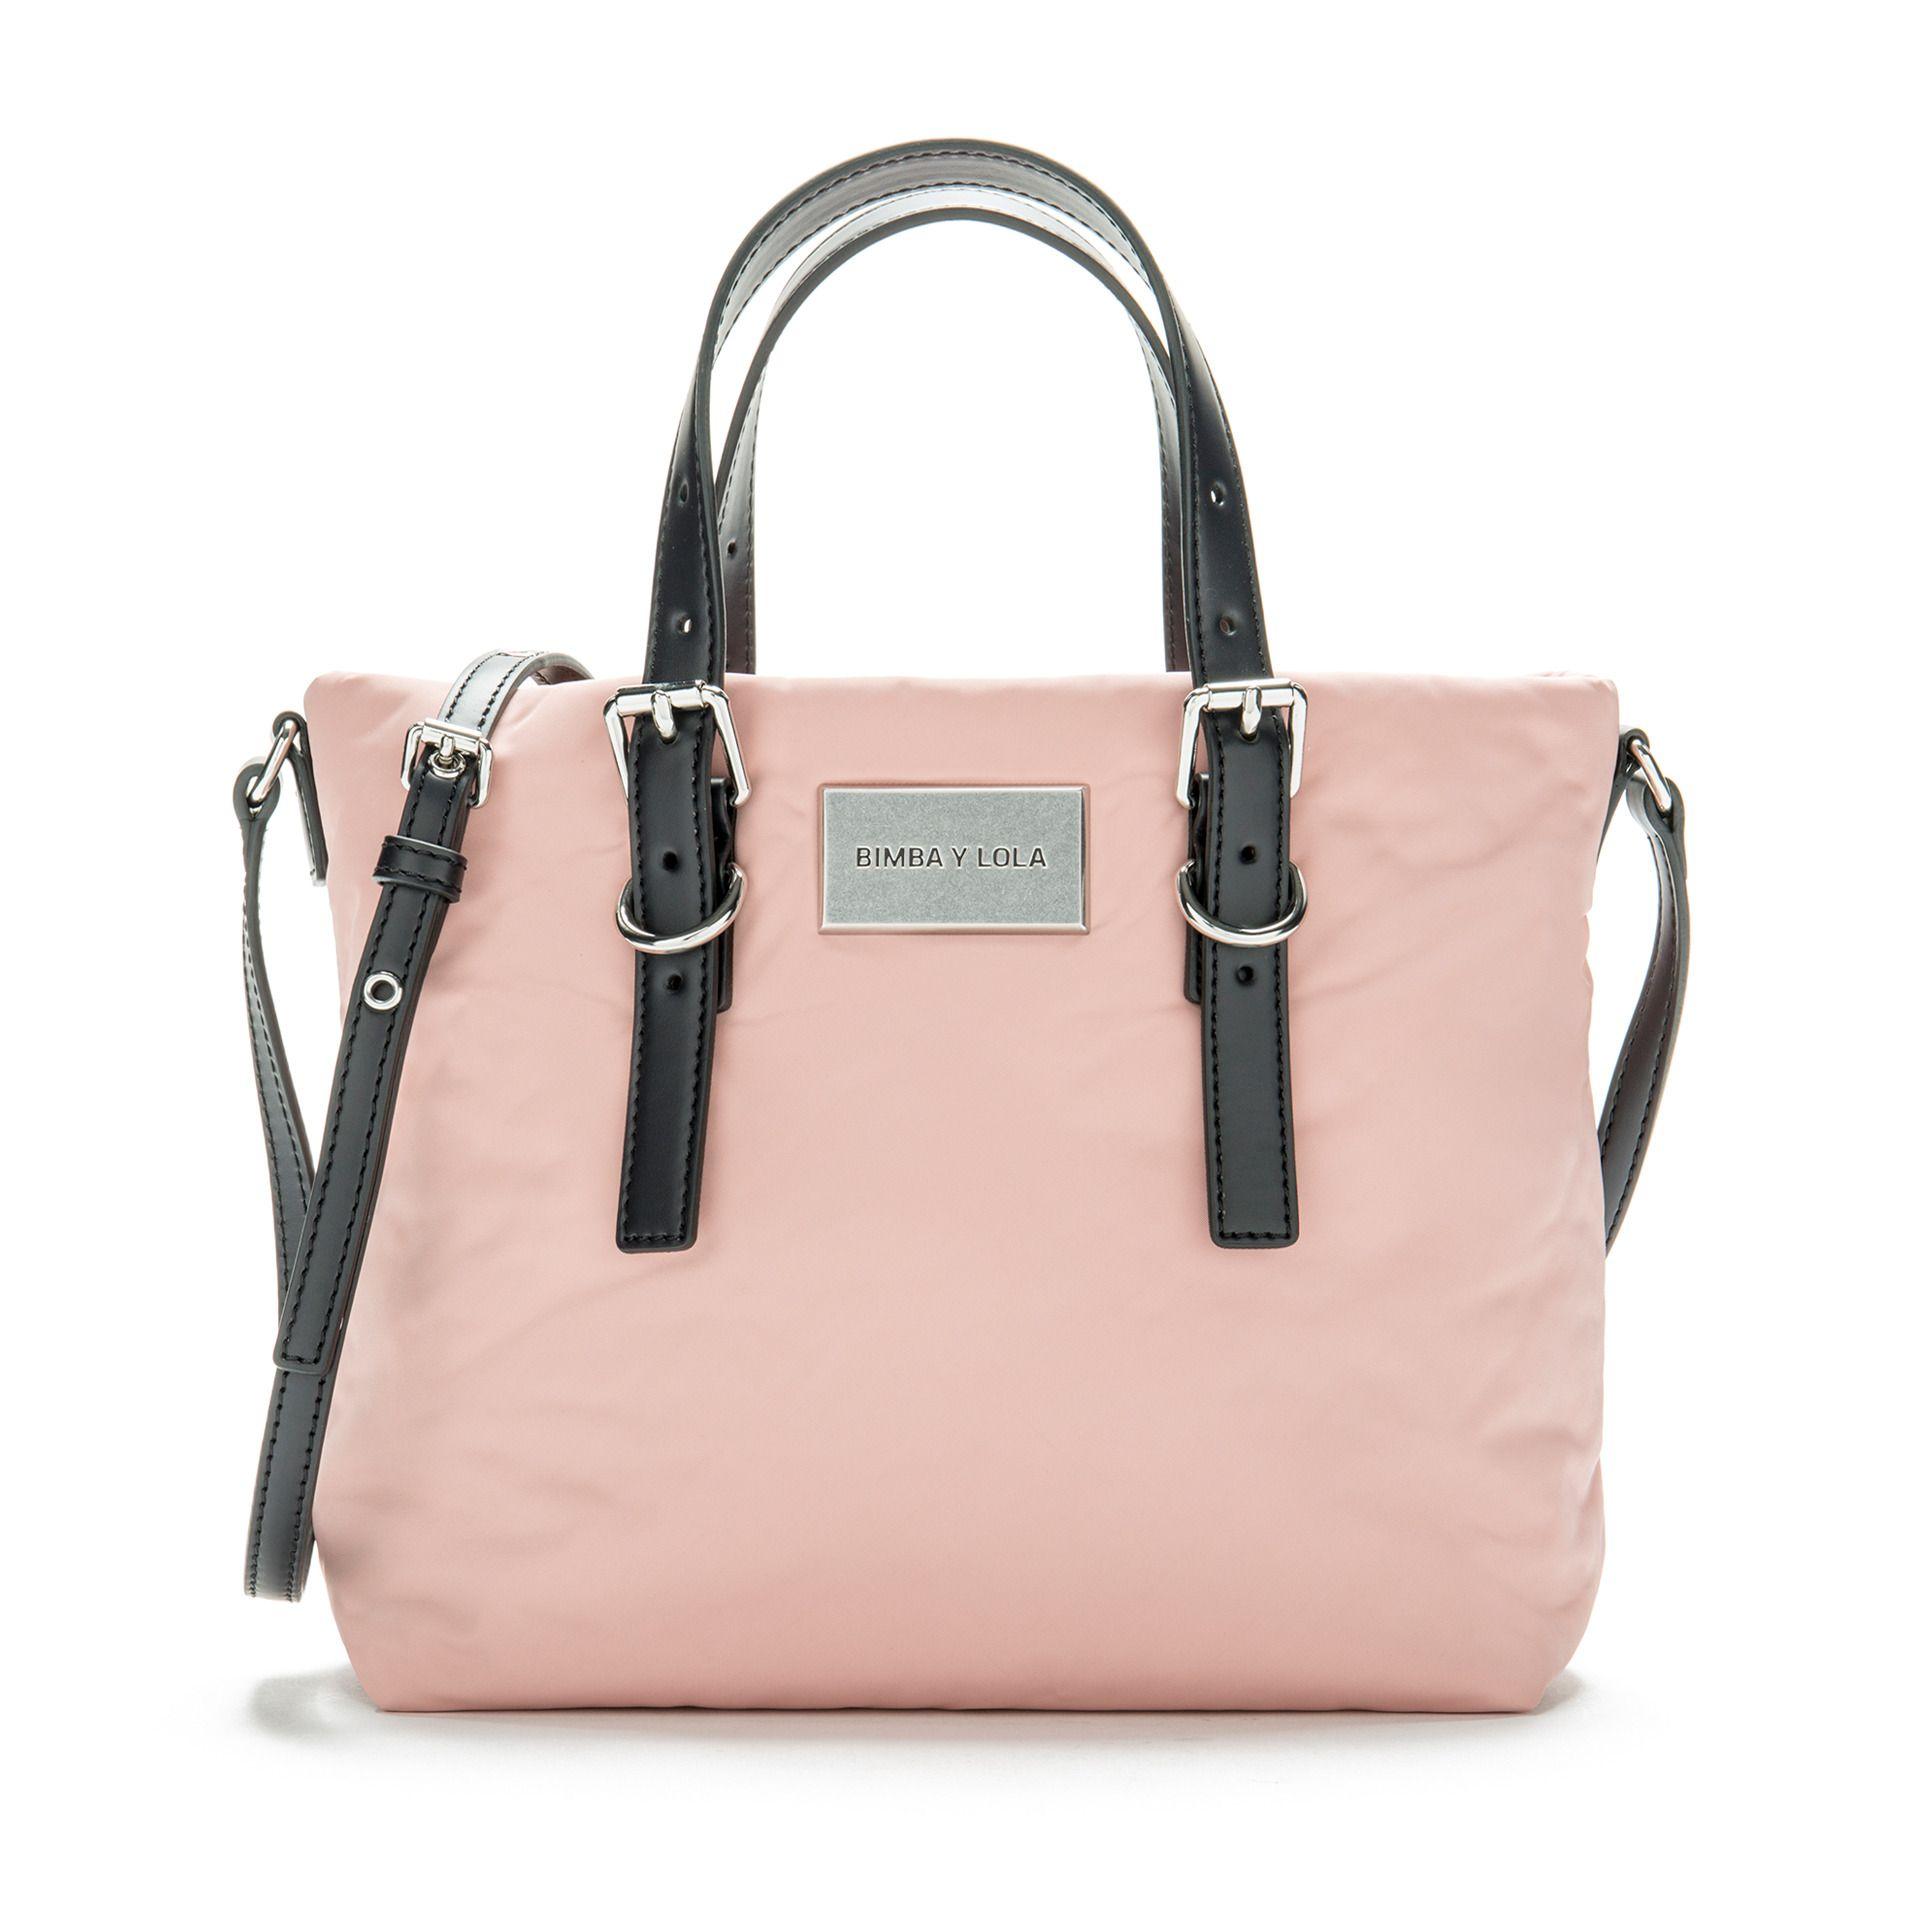 estilo de moda zapatos elegantes cupón de descuento Bolso tote rosa   Style   Bolsos, Bimba y lola y Rosas